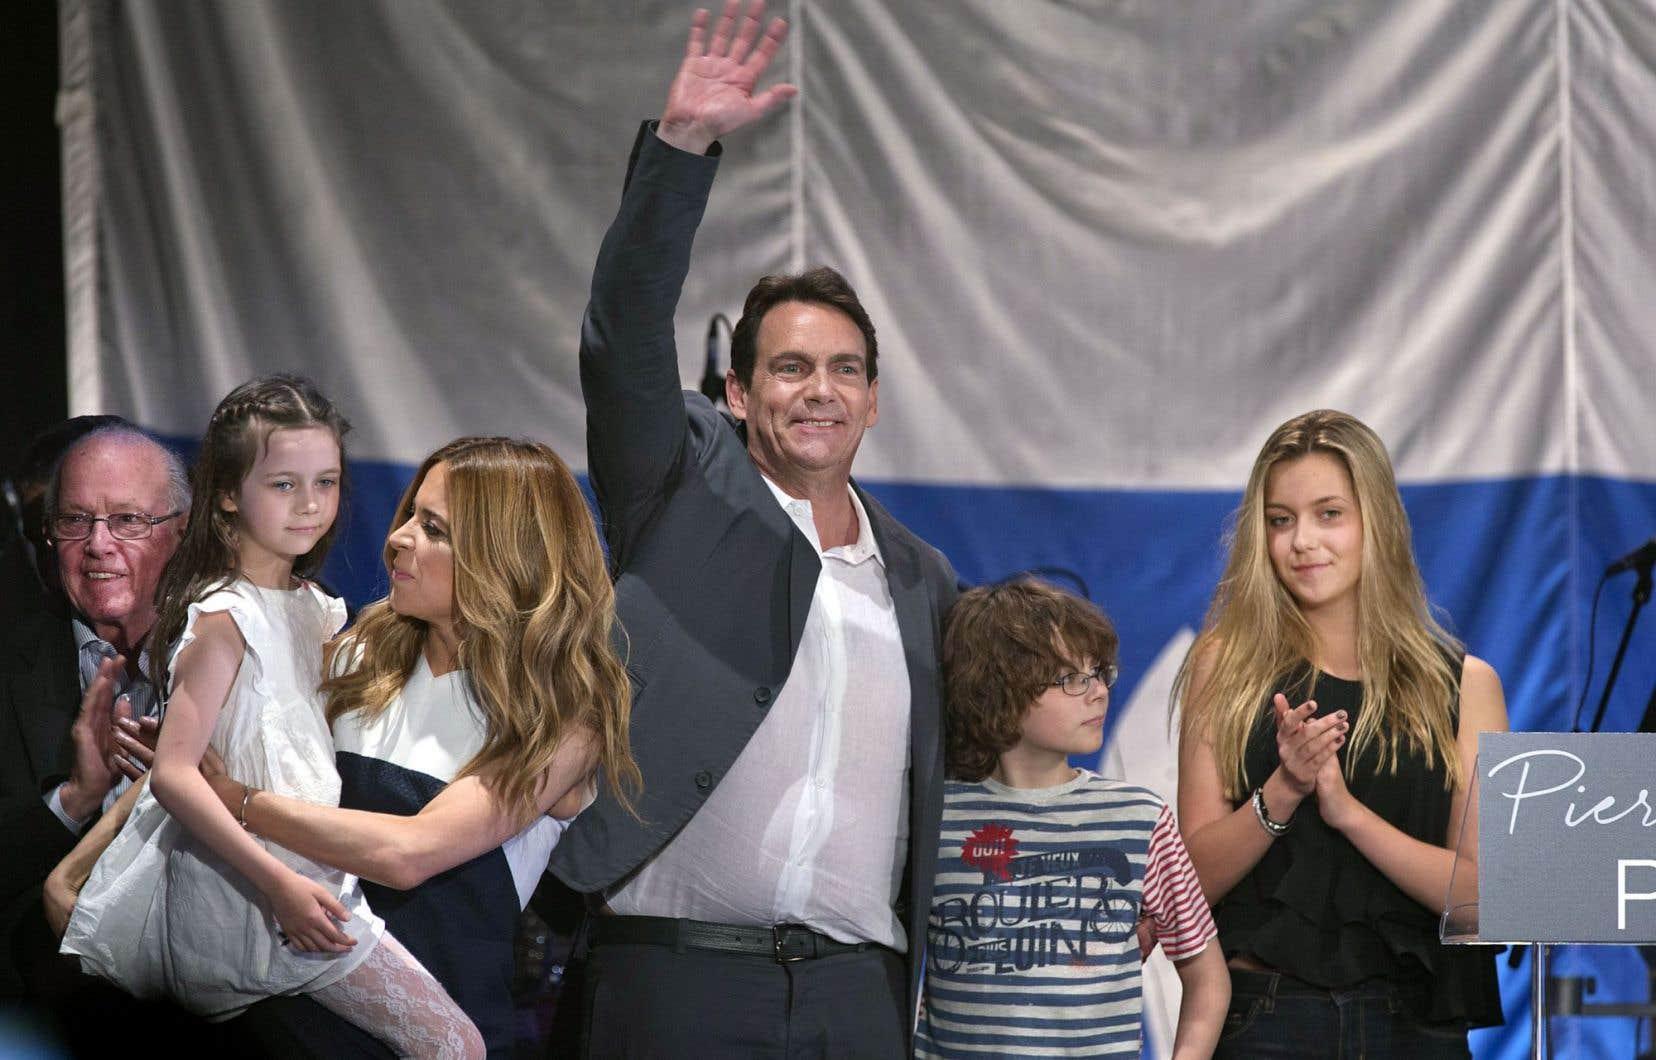 Les enfants de Pierre Karl Péladeau sont montés sur scène lors d'un événement organisé lors de la dernière course à la chefferie du PQ.